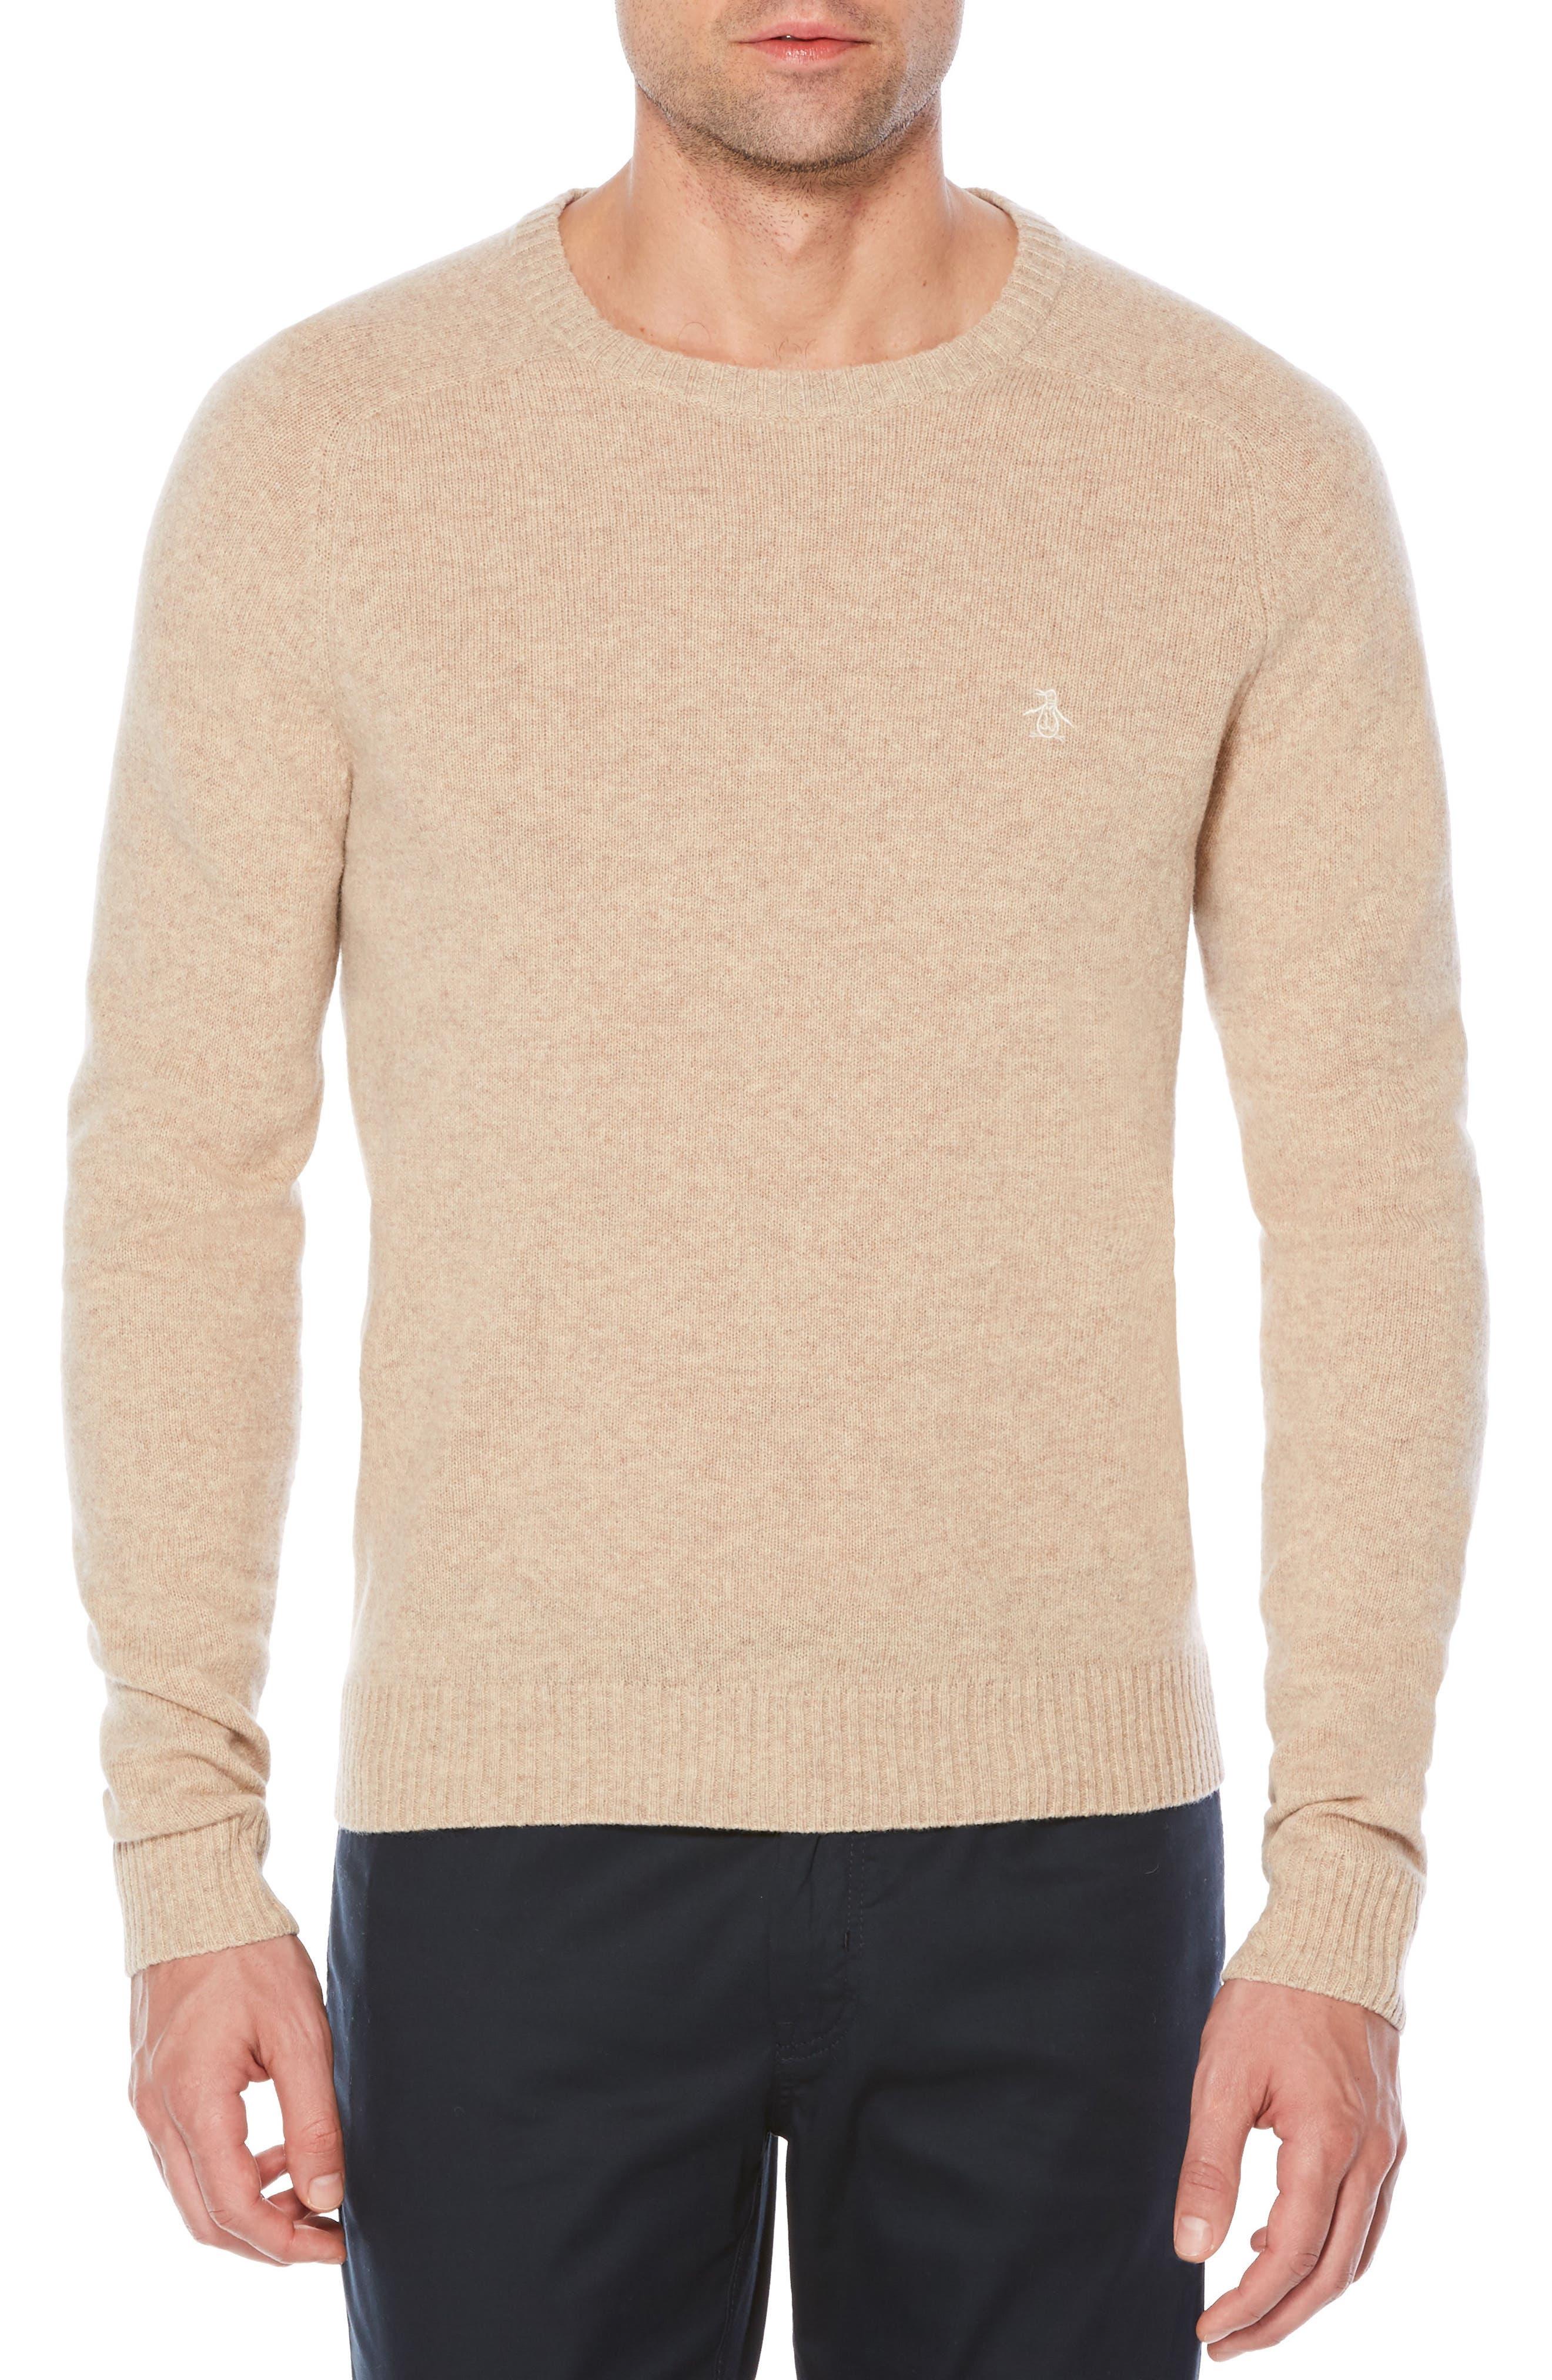 Alternate Image 1 Selected - Original Penguin P55 Lambswool Sweater